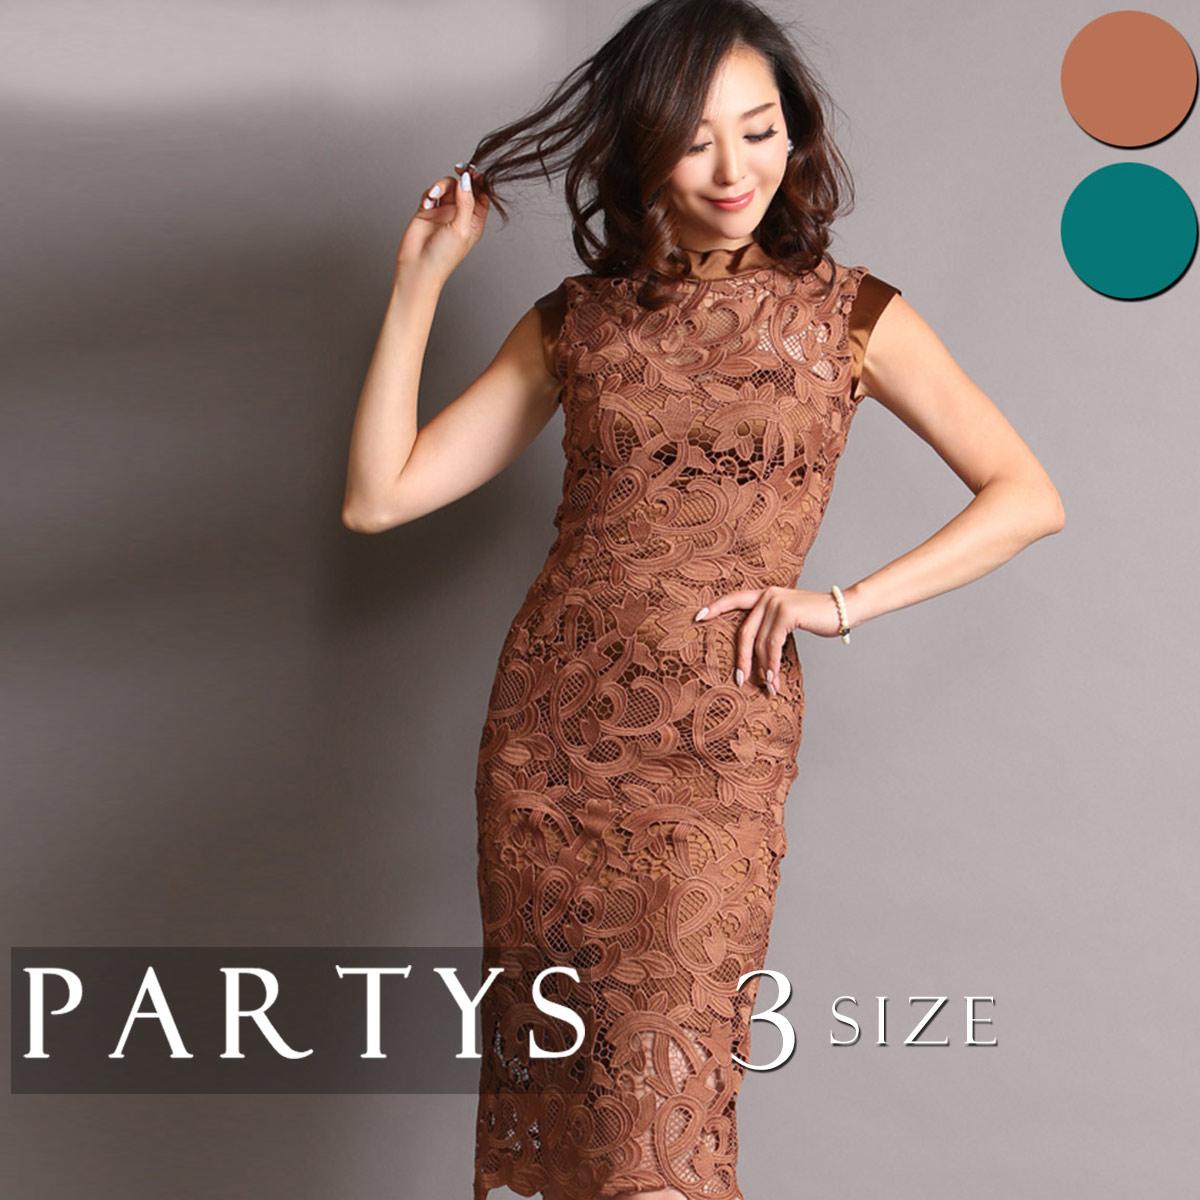 d7e7f61436279 サイズ S M L ブラウン グリーン 茶 緑 韓国ワンピース ファッション タイト   送料無料    あす ...